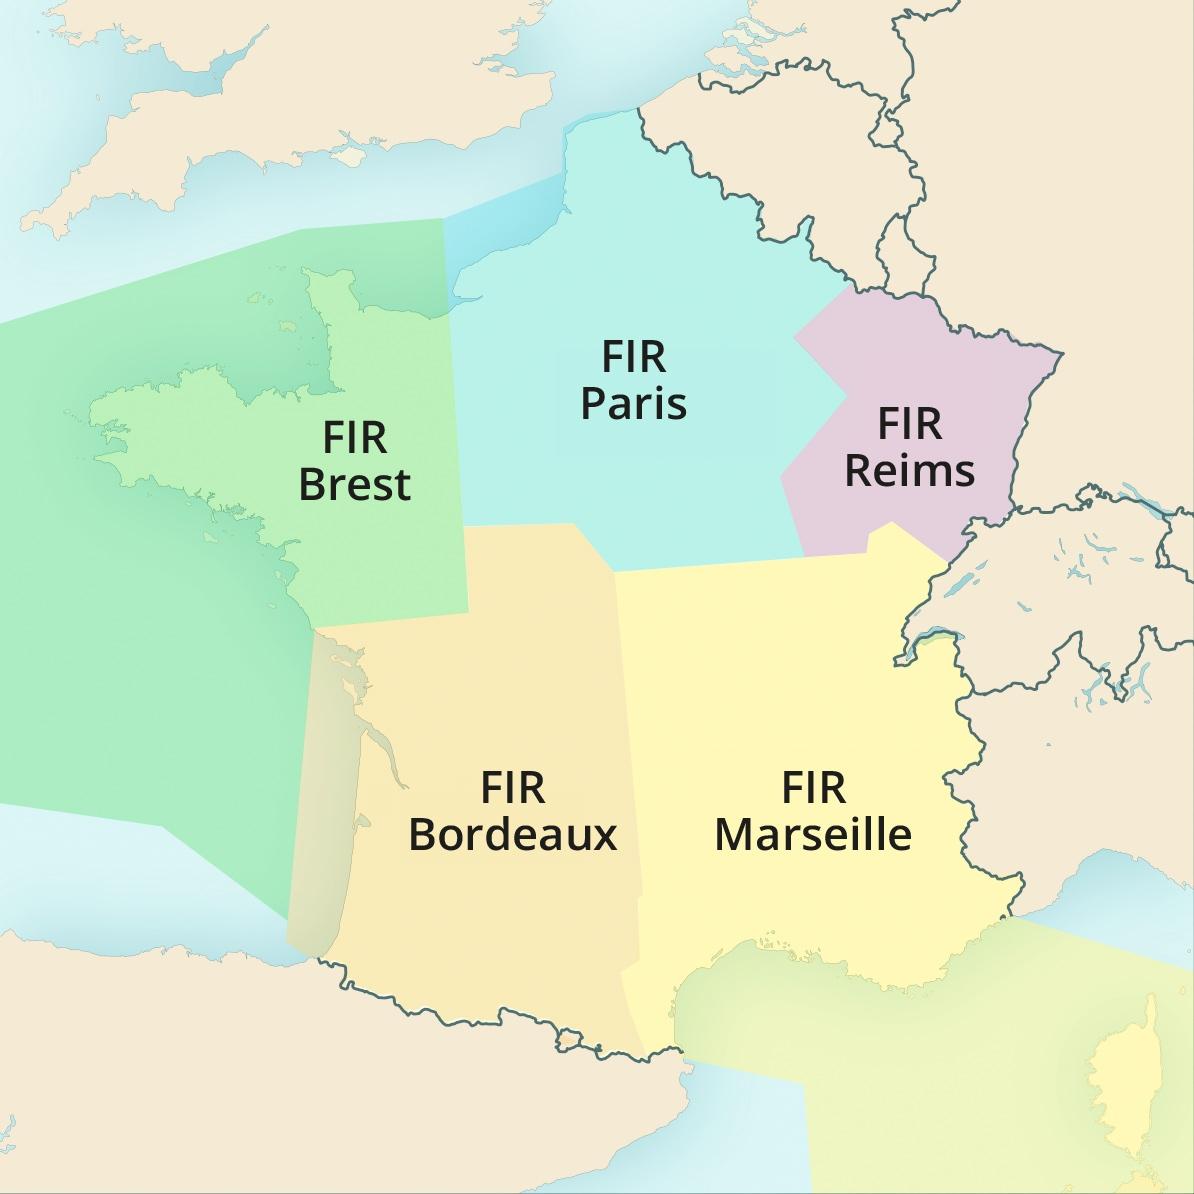 FIR France (Flight Information Region)